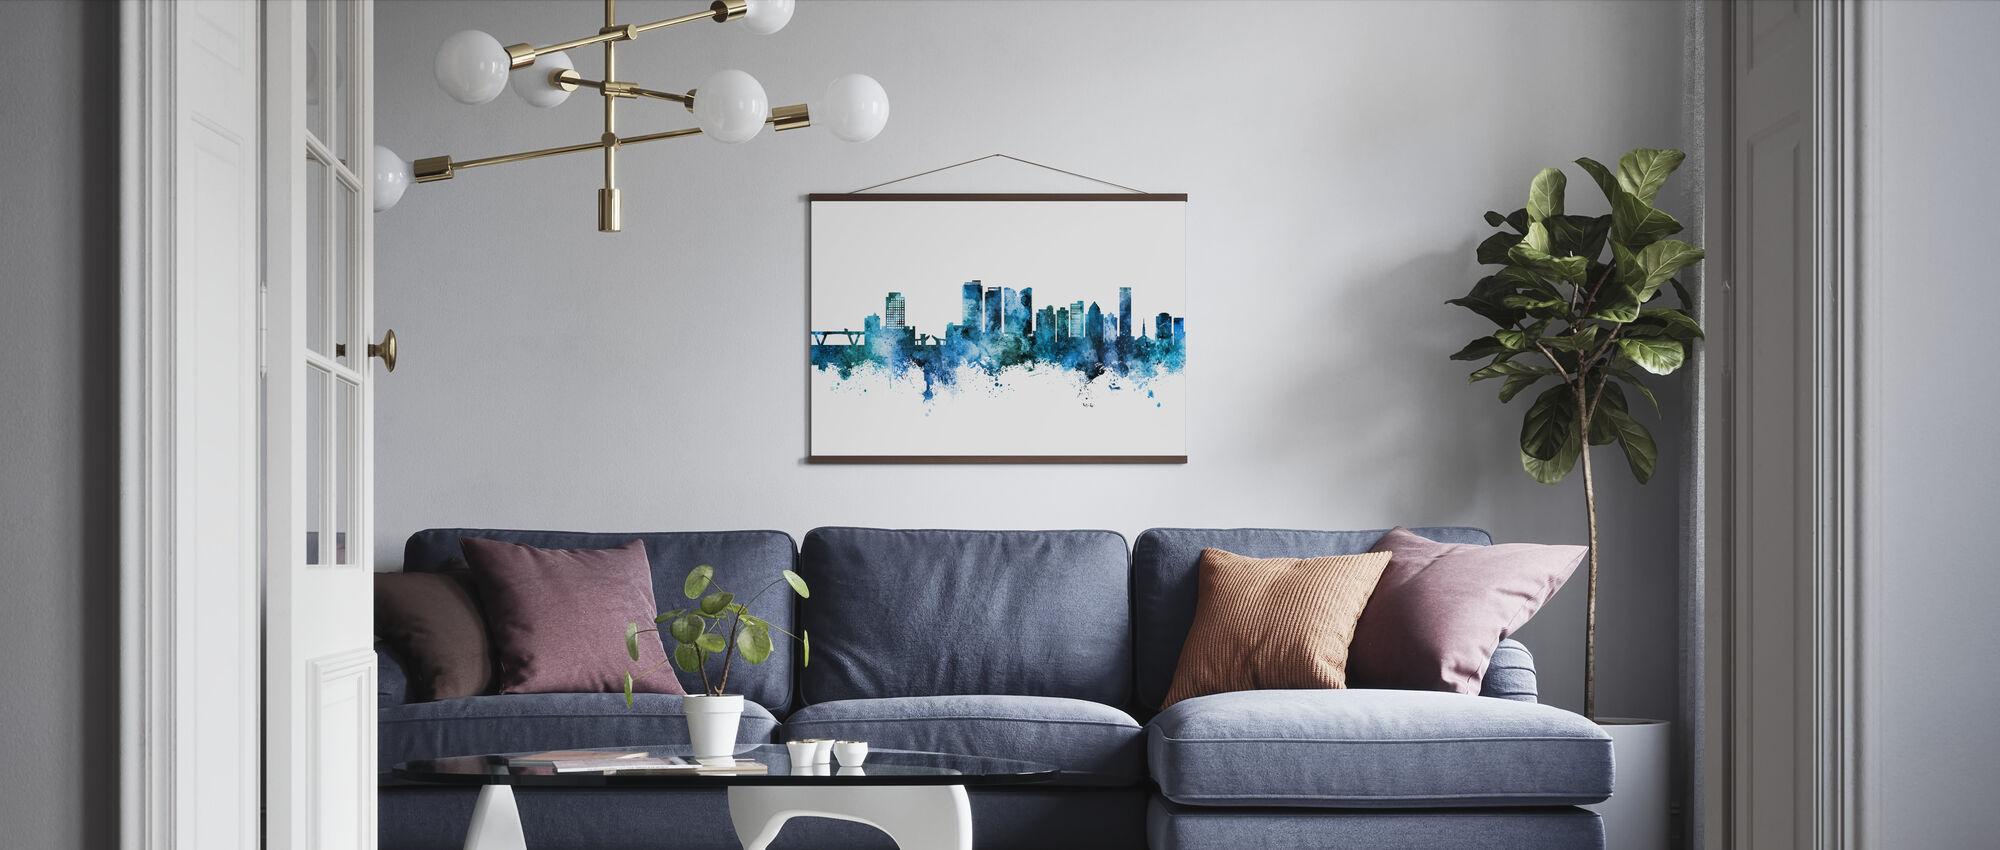 Fort Lauderdale Florida Skyline - Poster - Living Room